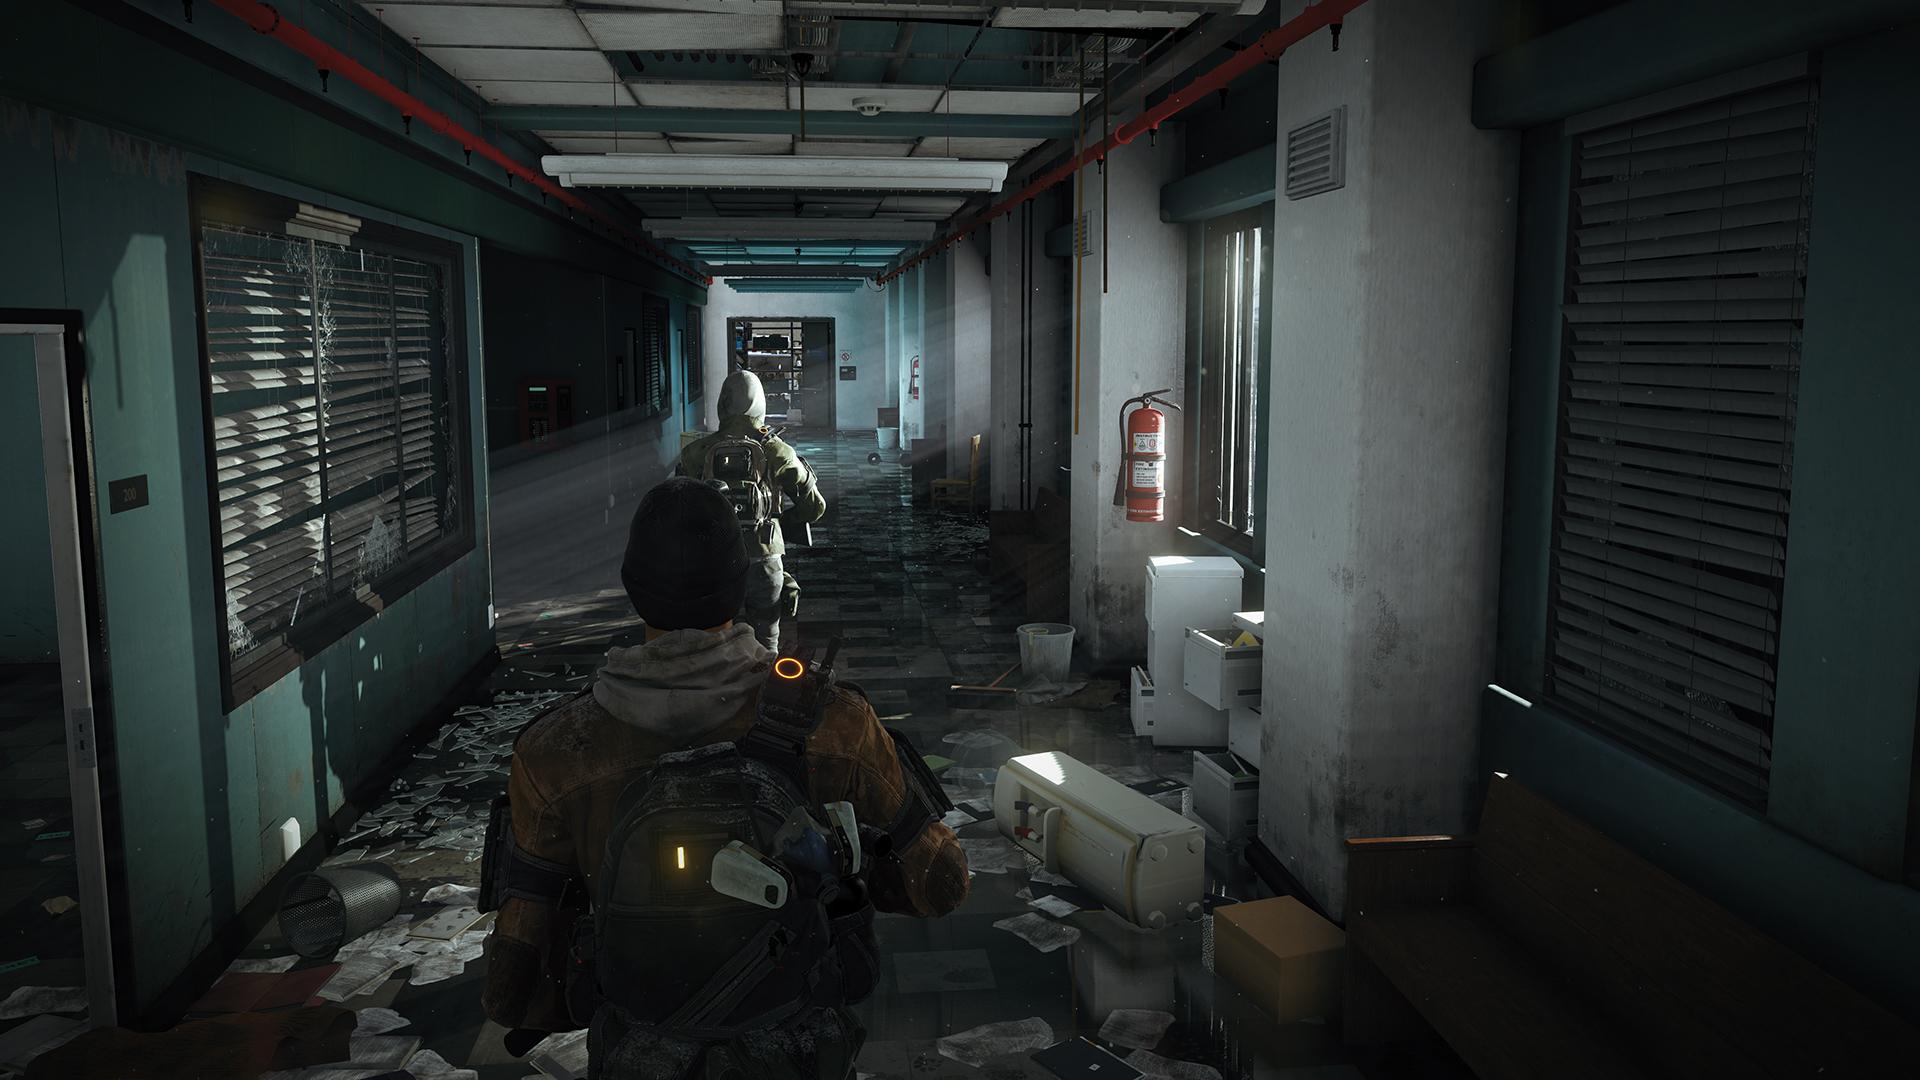 【PS4】 PS4の実機映像が凄まじ杉 これがゲームに特化したおかげか